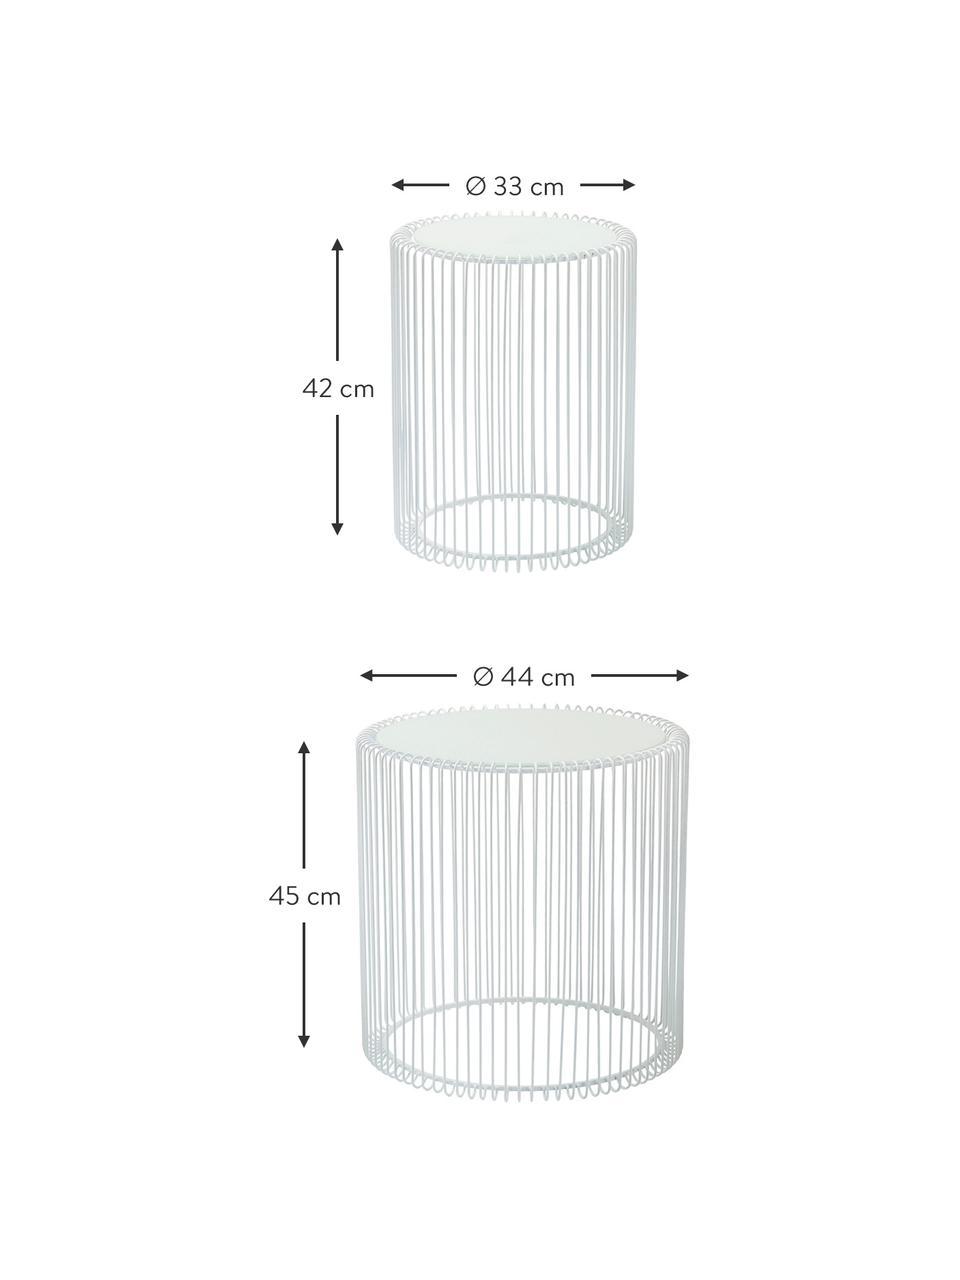 Komplet stolików pomocniczych z metalu ze szklanym blatem Wire, 2 elem., Stelaż: metal malowany proszkowo, Blat: szkło hartowane foliowane, Biały, Komplet z różnymi rozmiarami